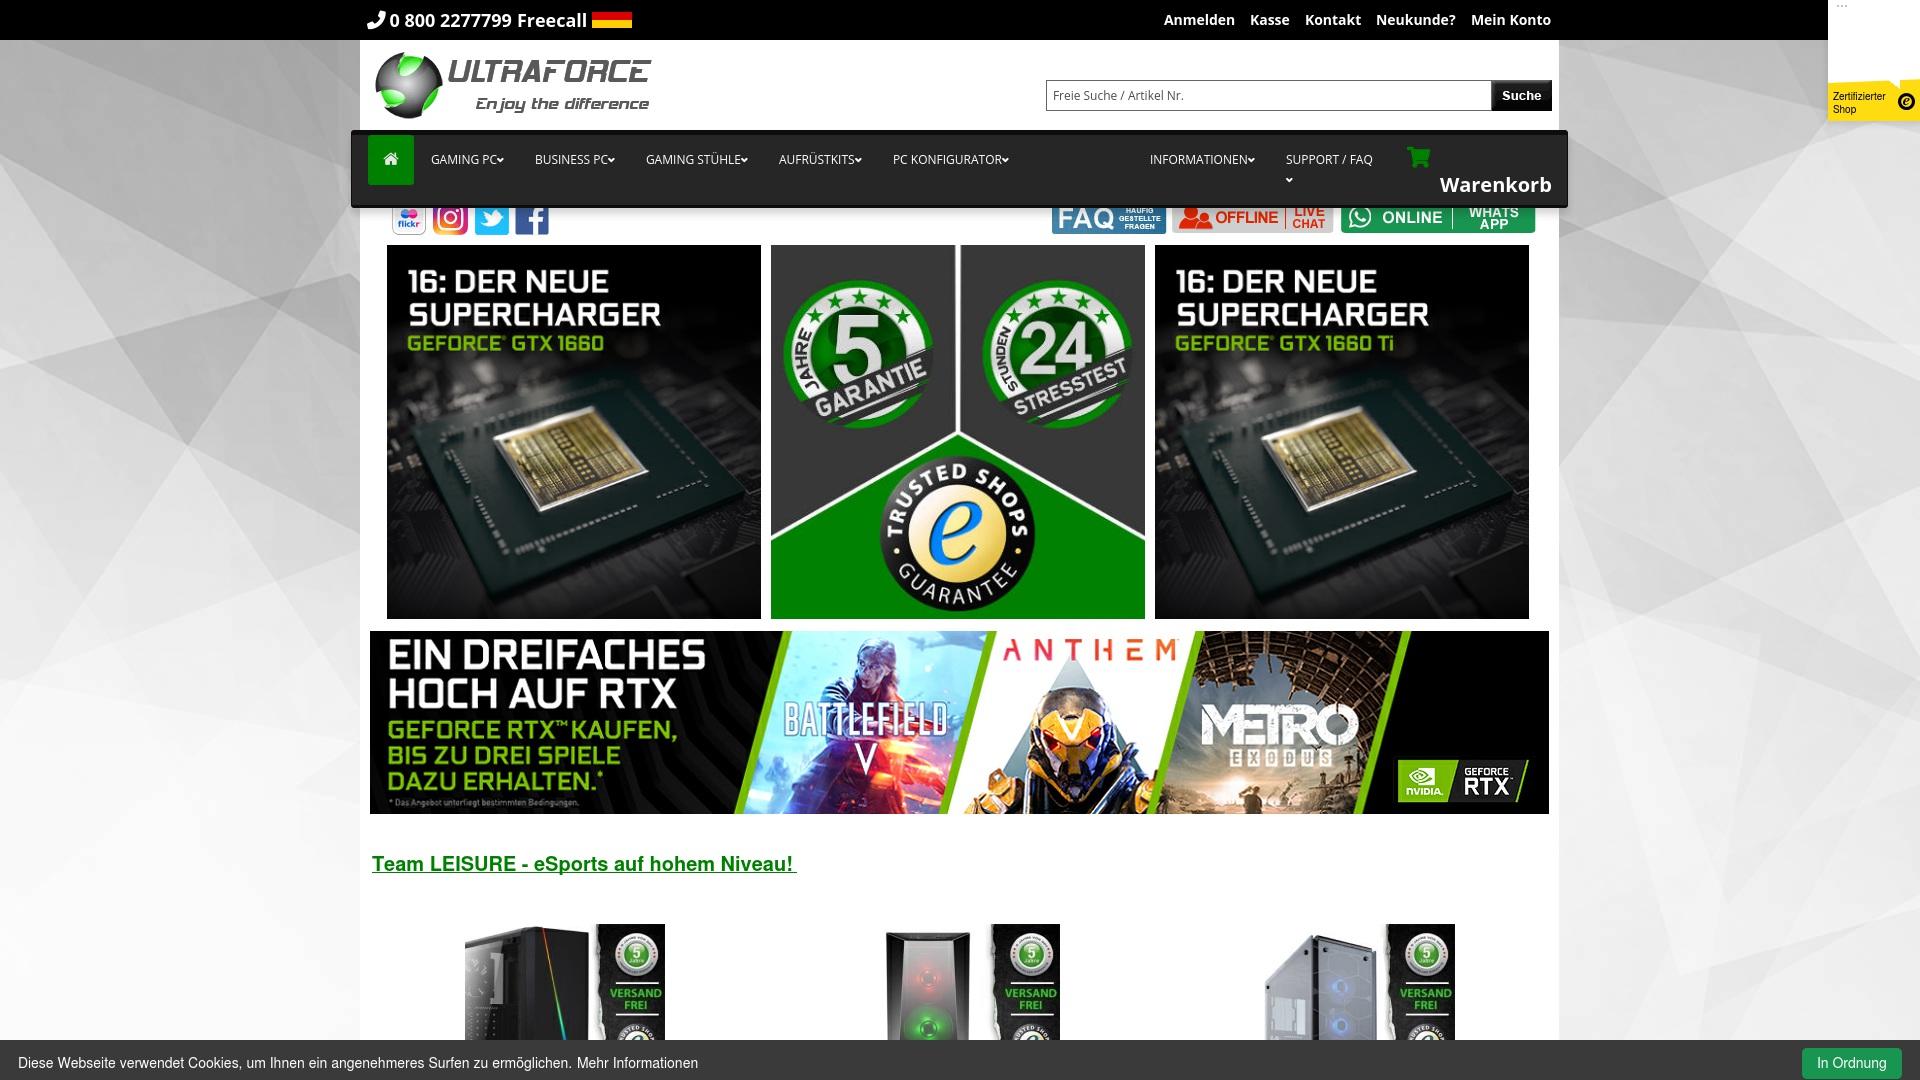 Gutschein für Ultraforce: Rabatte für  Ultraforce sichern